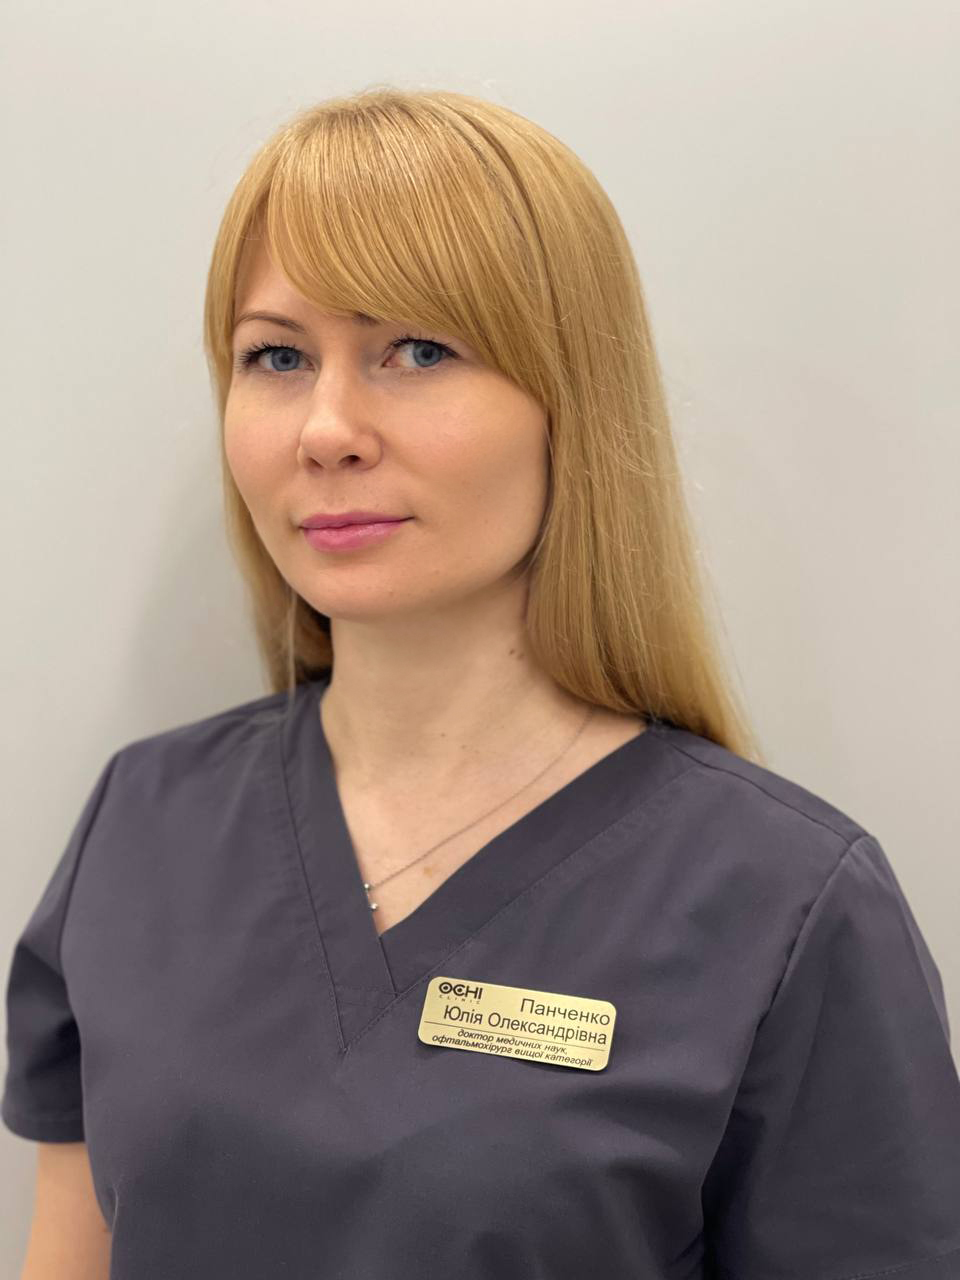 Лікар Панченко Юлія Олександрівна